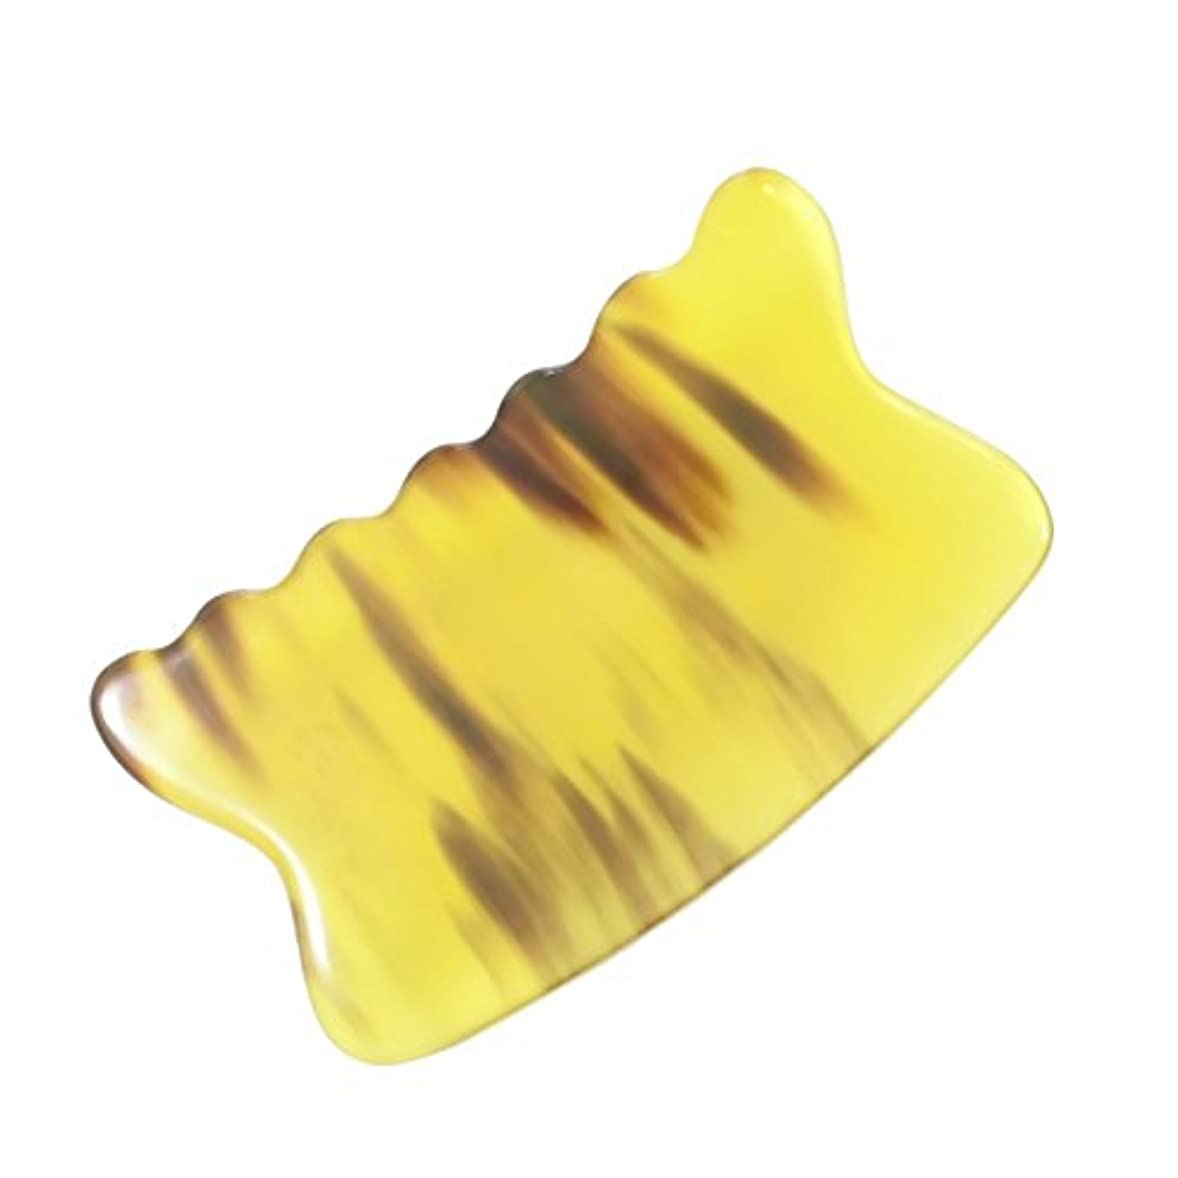 聡明答えベアリングかっさ プレート 希少59 黄水牛角 極美品 曲波型